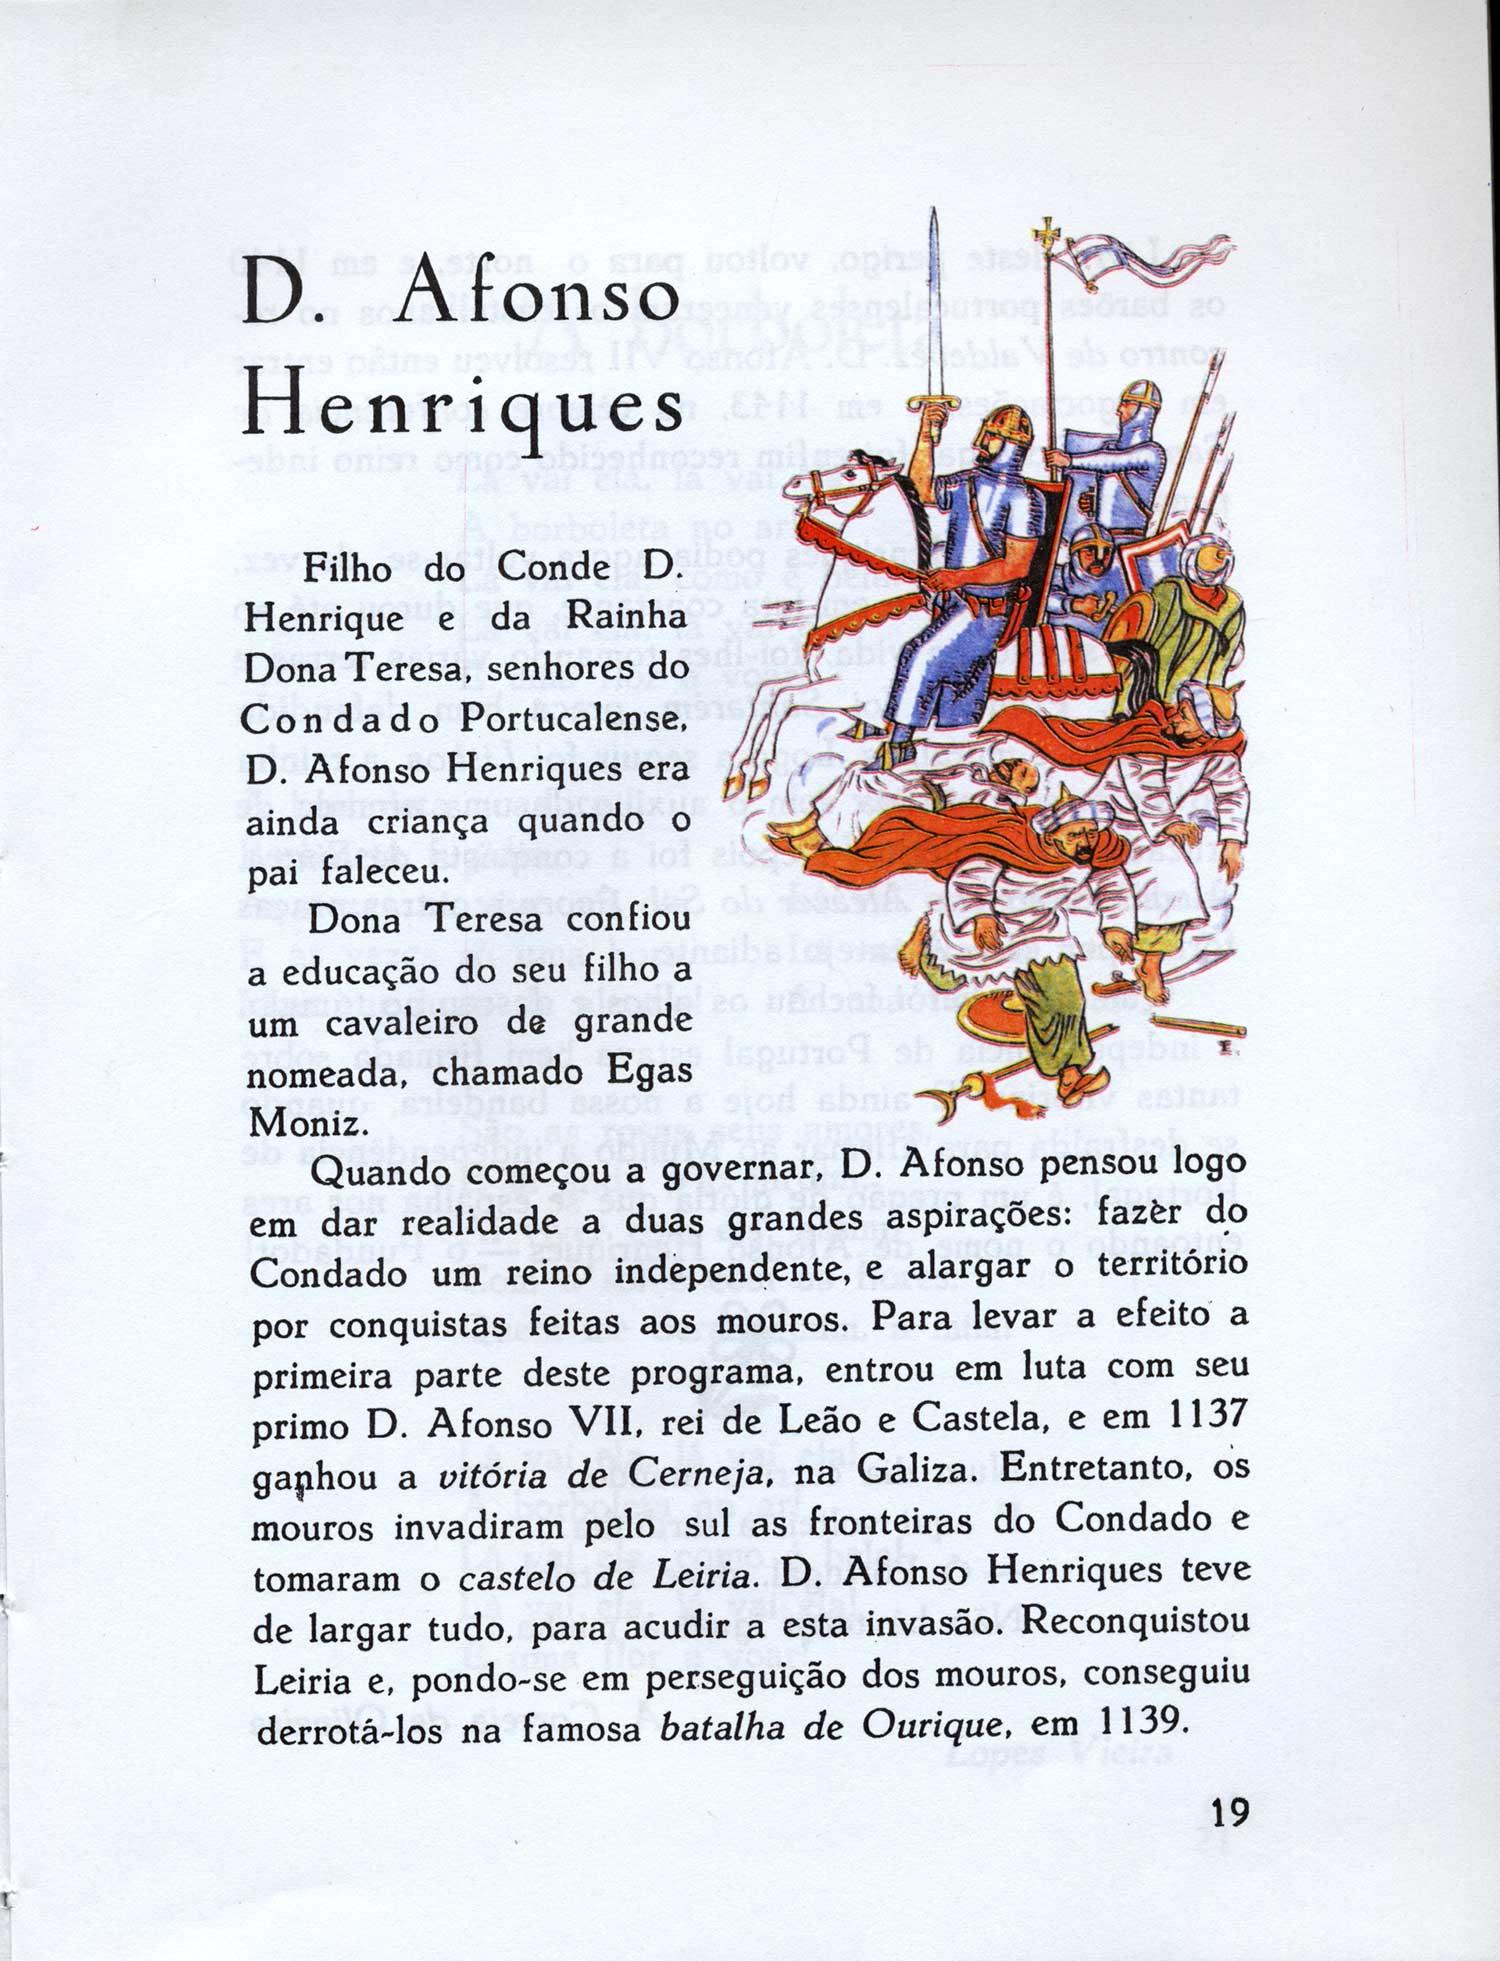 pt_textbk3_019_OLivroDaTerceiraClasse_1958.jpg